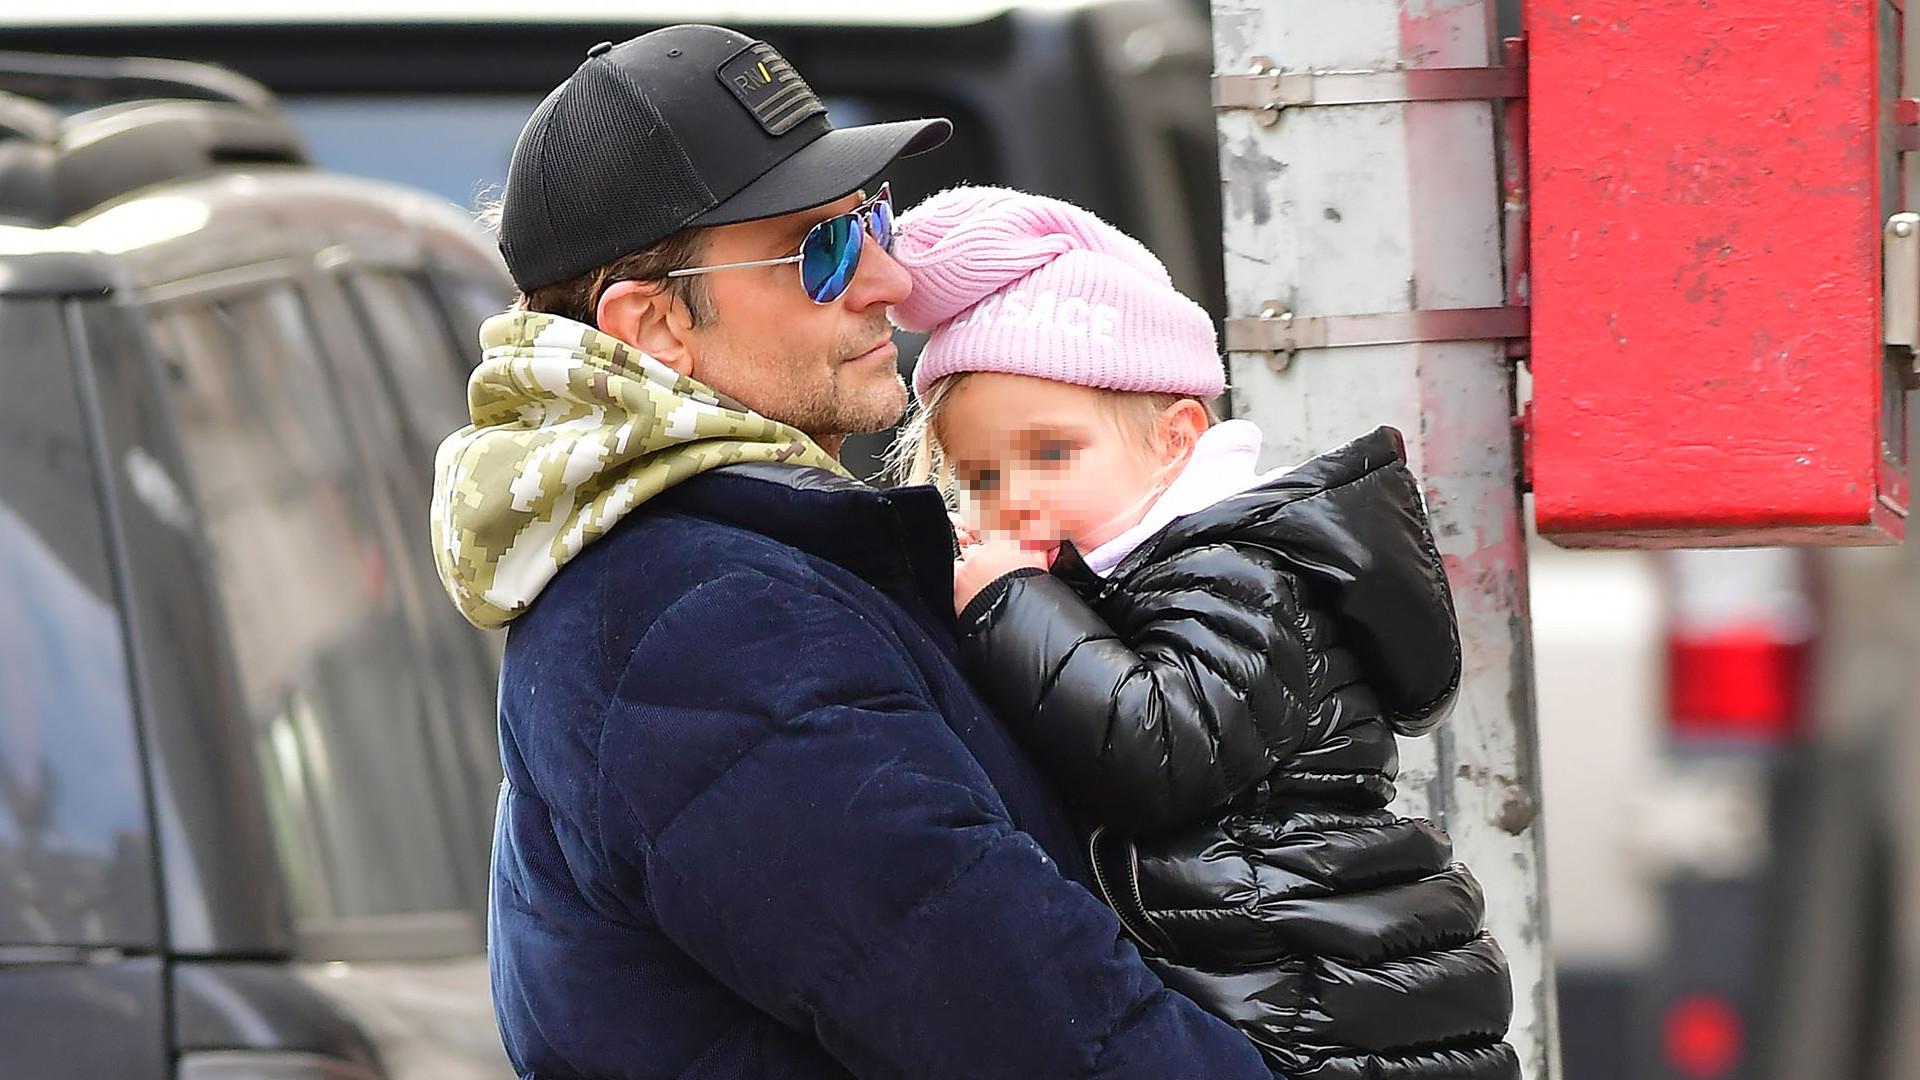 Bradley Cooper ze śliczną córeczką na ulicach Nowego Jorku (ZDJĘCIA)